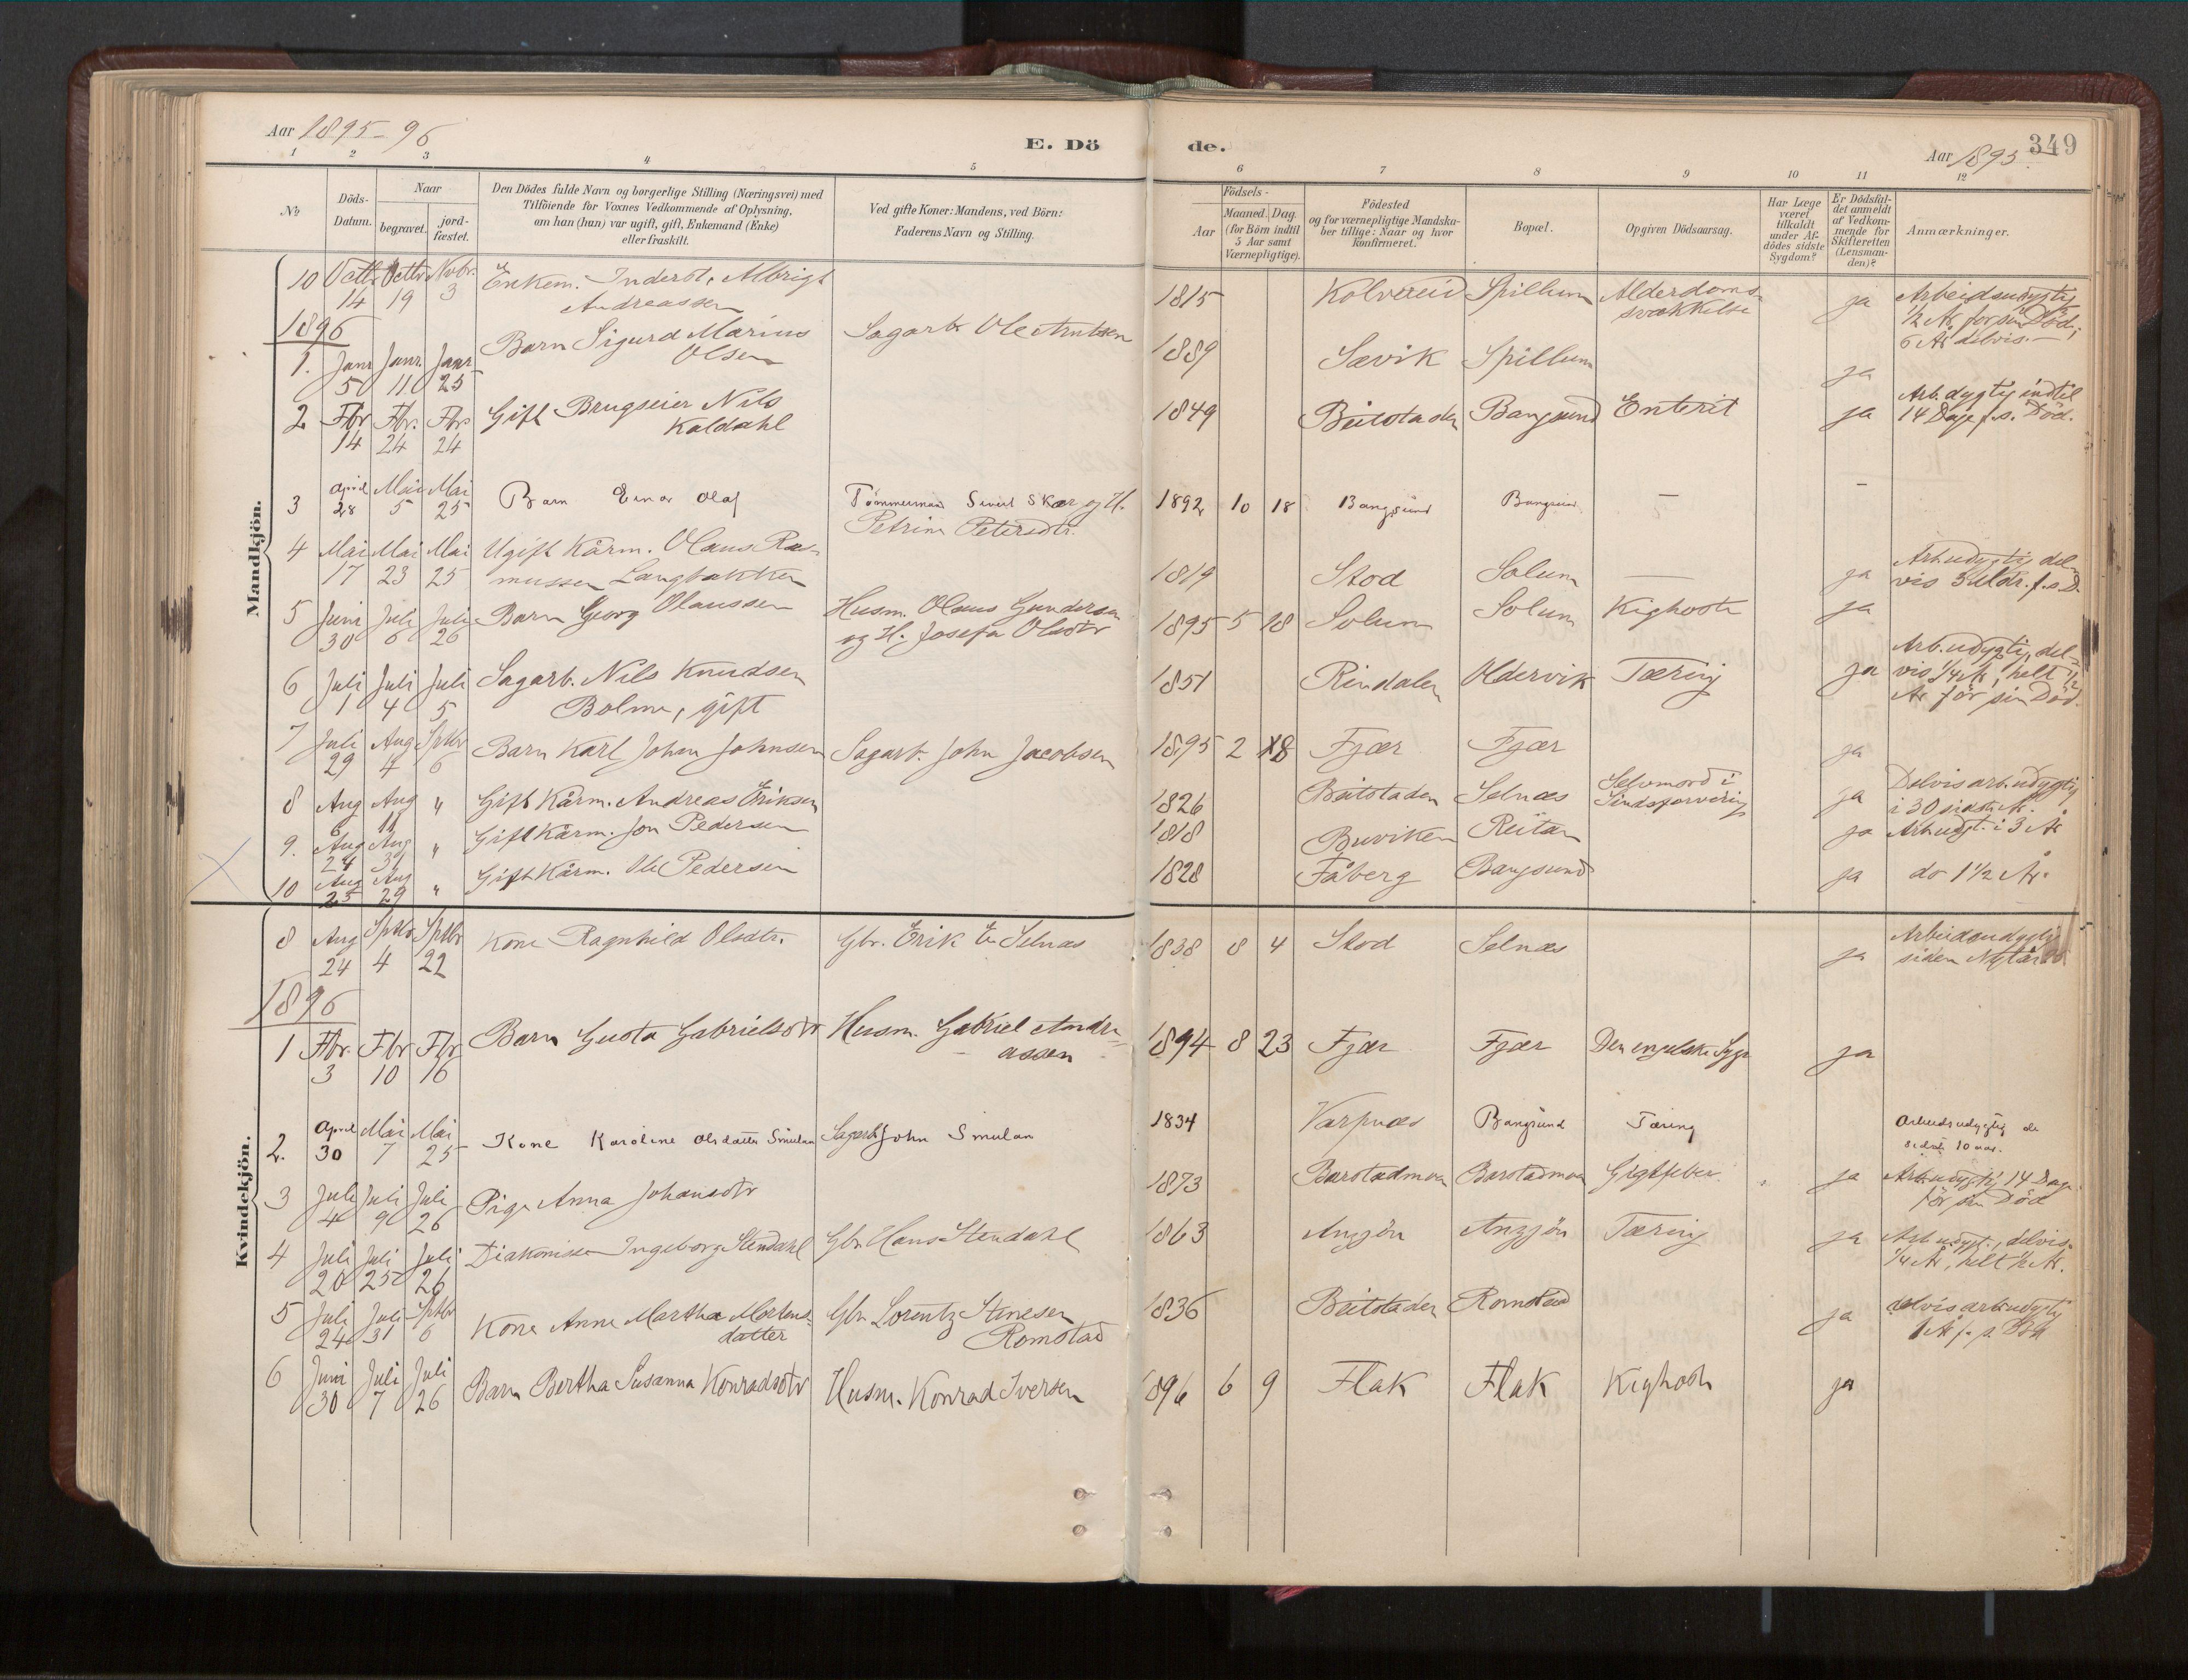 SAT, Ministerialprotokoller, klokkerbøker og fødselsregistre - Nord-Trøndelag, 770/L0589: Ministerialbok nr. 770A03, 1887-1929, s. 349